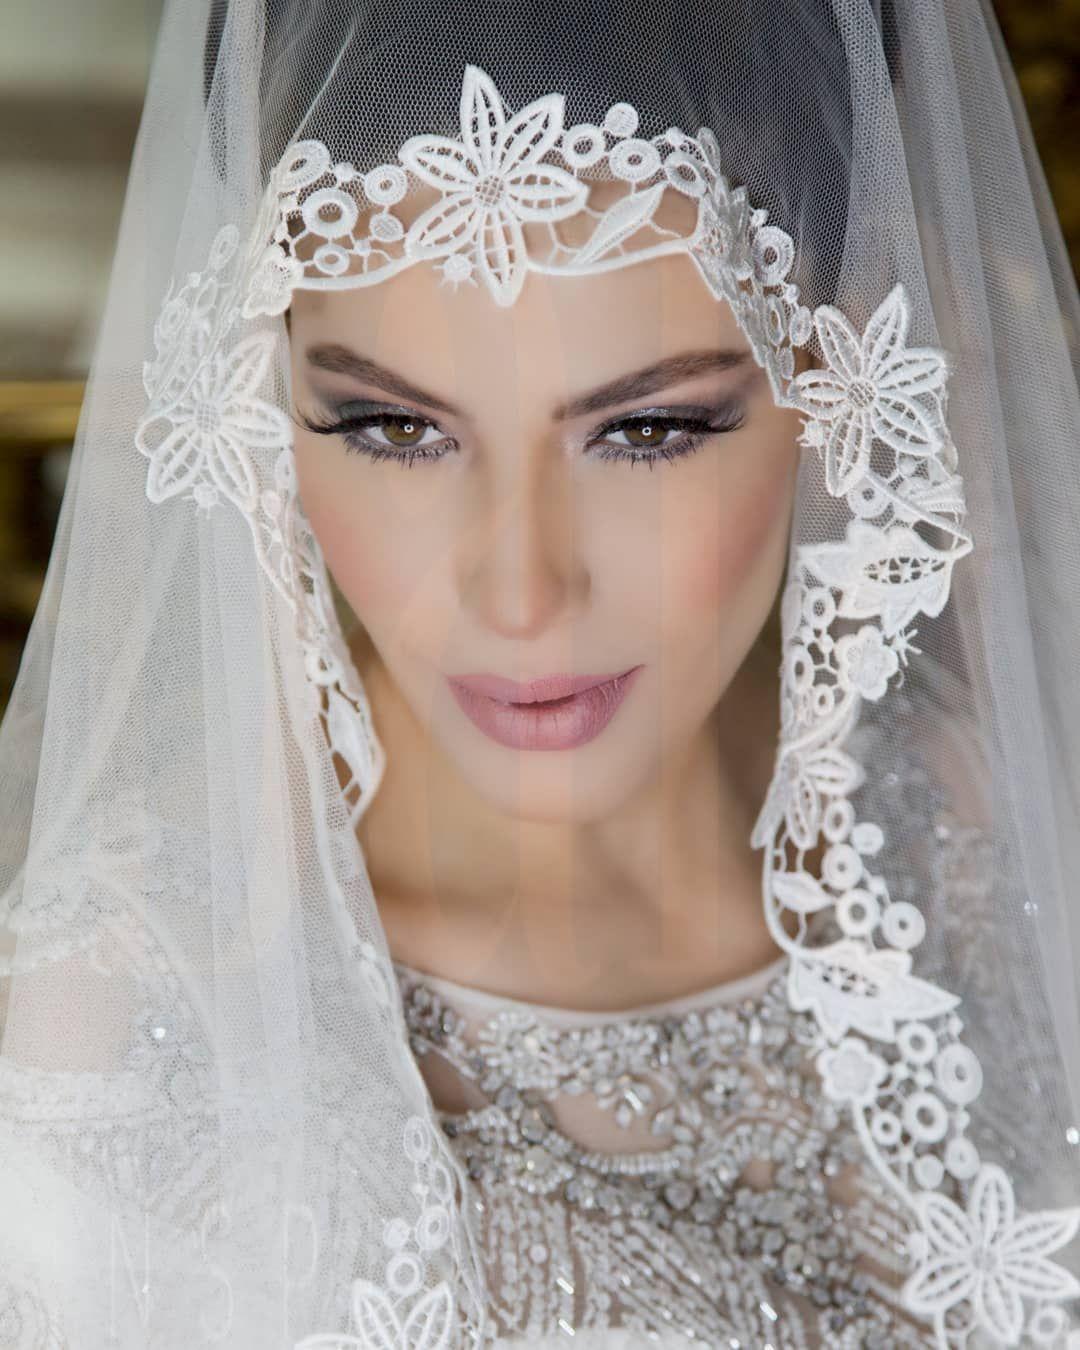 Baia Inspiring Spa On Instagram عروستنا الحلوة Softmakeuplook Baia Make Up Artist Marwa Gabsy Photo By Jad Bou Abdo Crown Jewelry Jewelry Crown